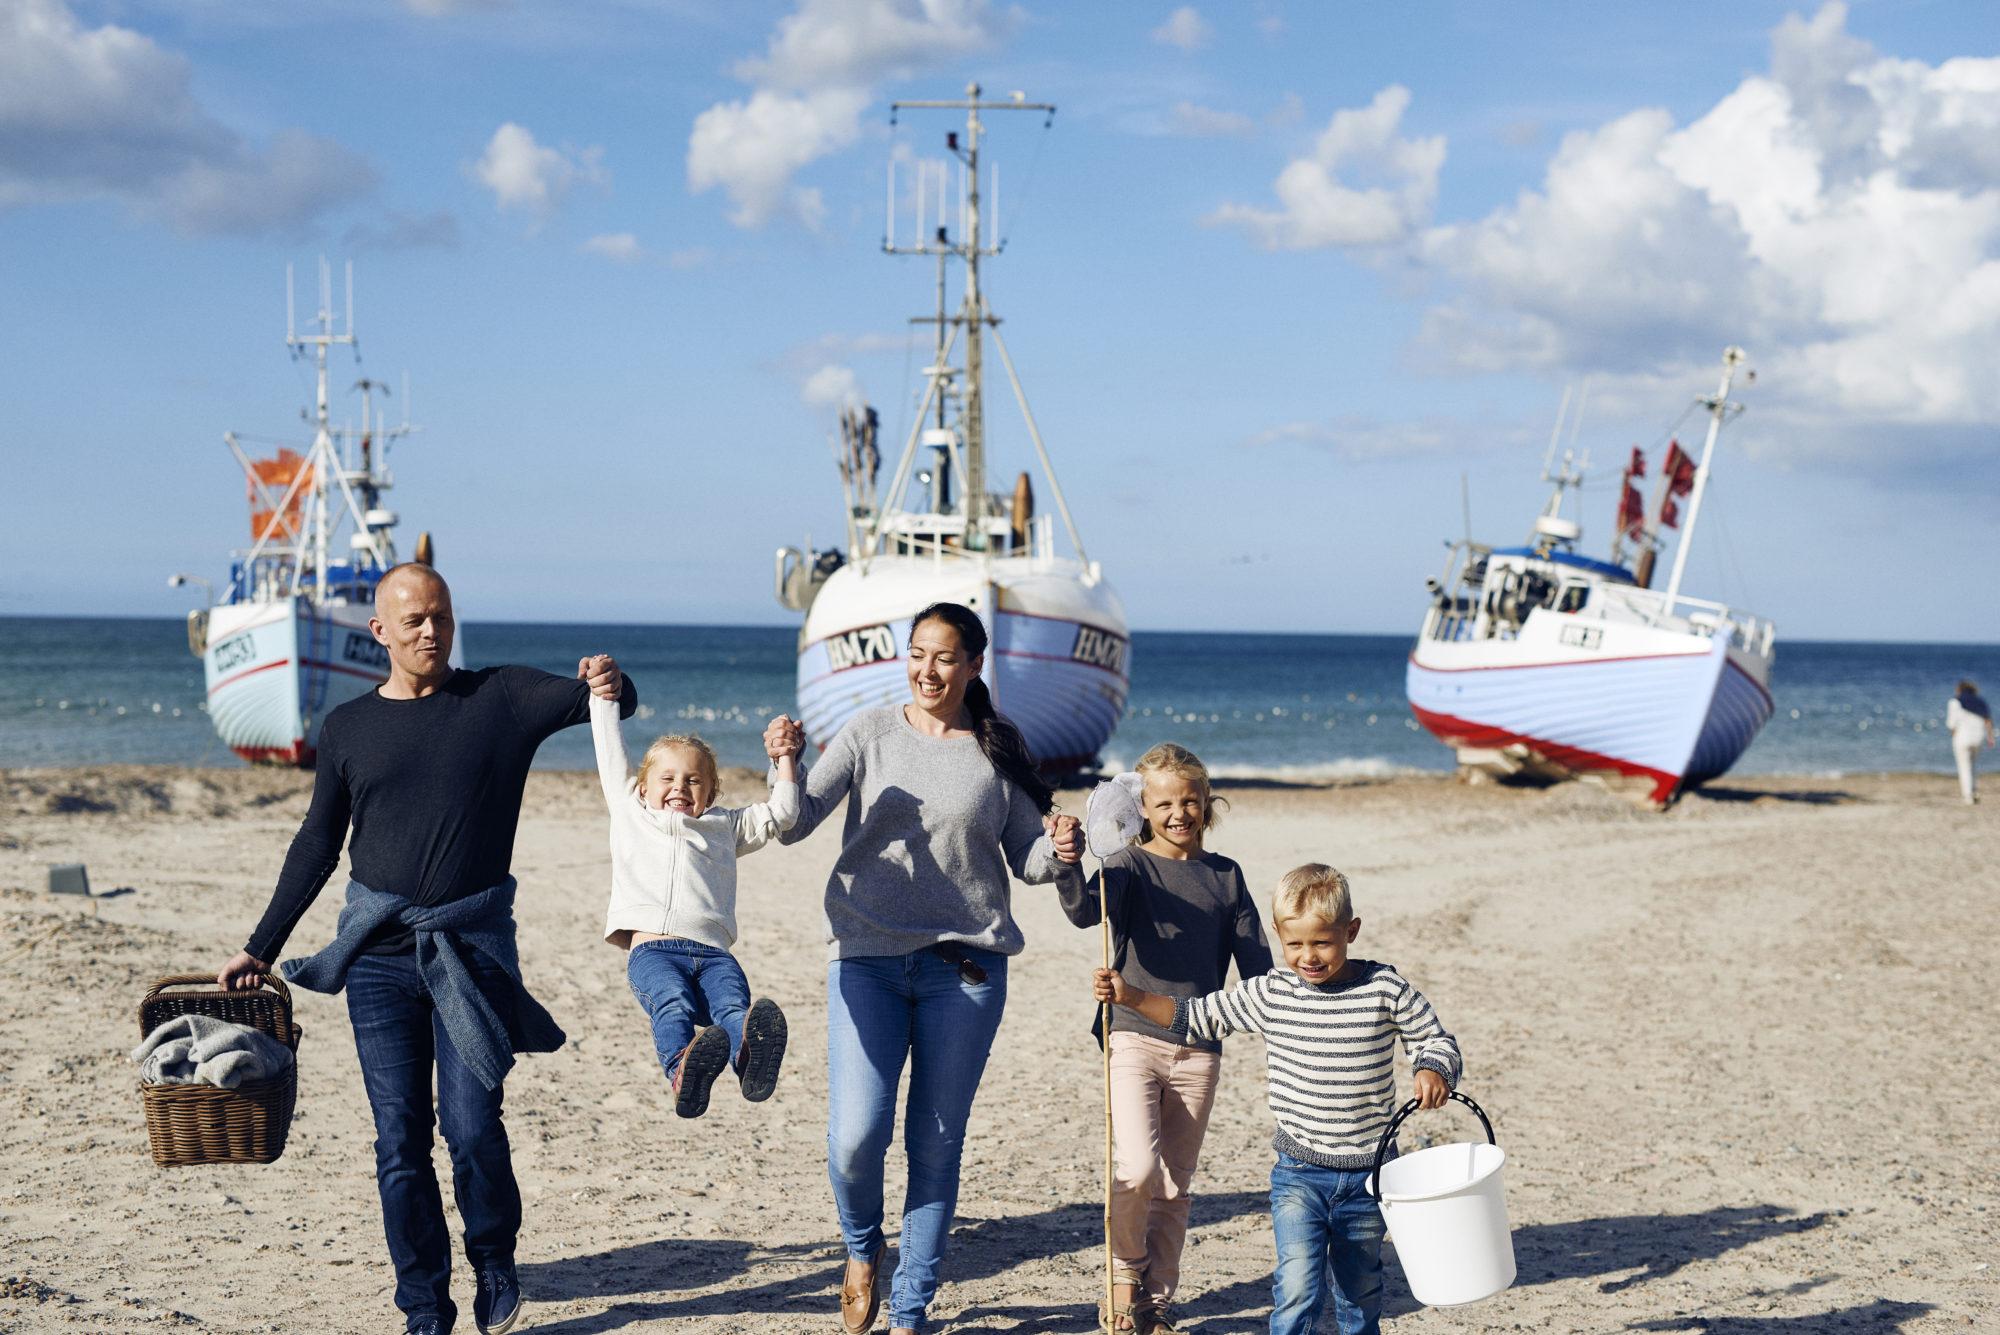 Deilige Danmark: En Danmarks-ferie med familien er en flott måte å styrke familiesamholdet på. Foto: Visit Denmark/Niclas Jesseen